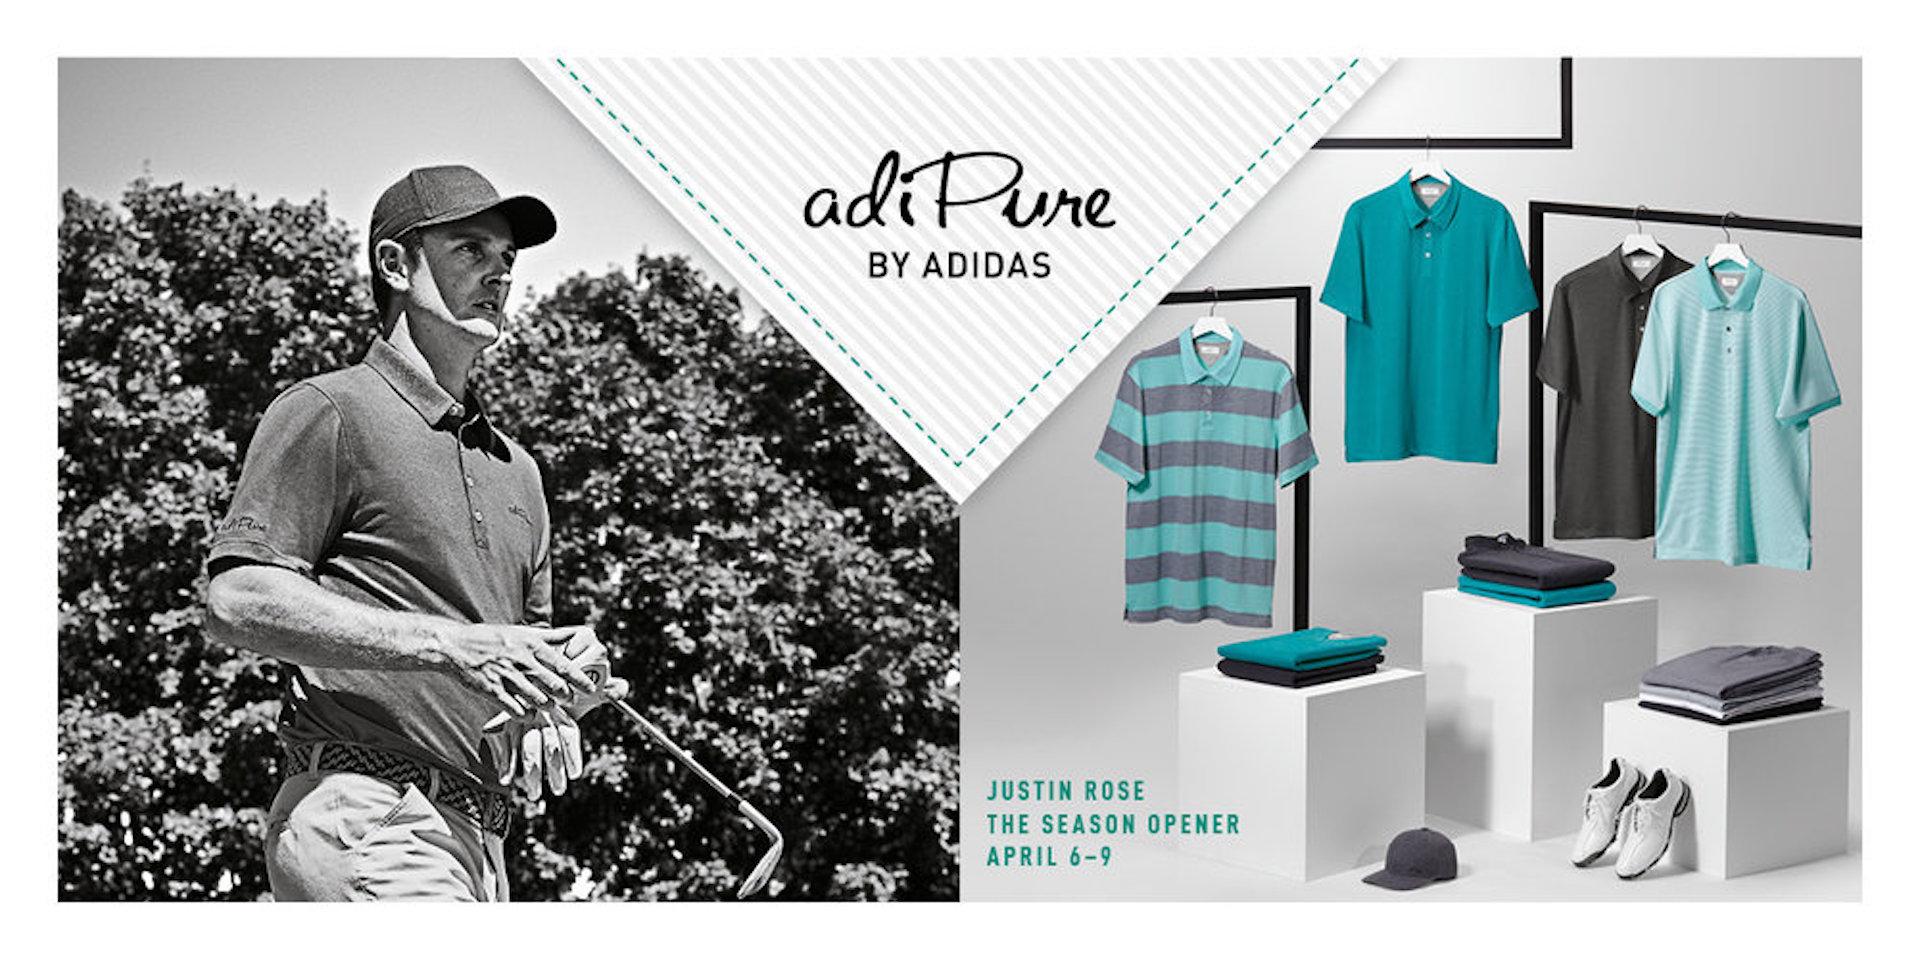 adidas adipure golf clothing